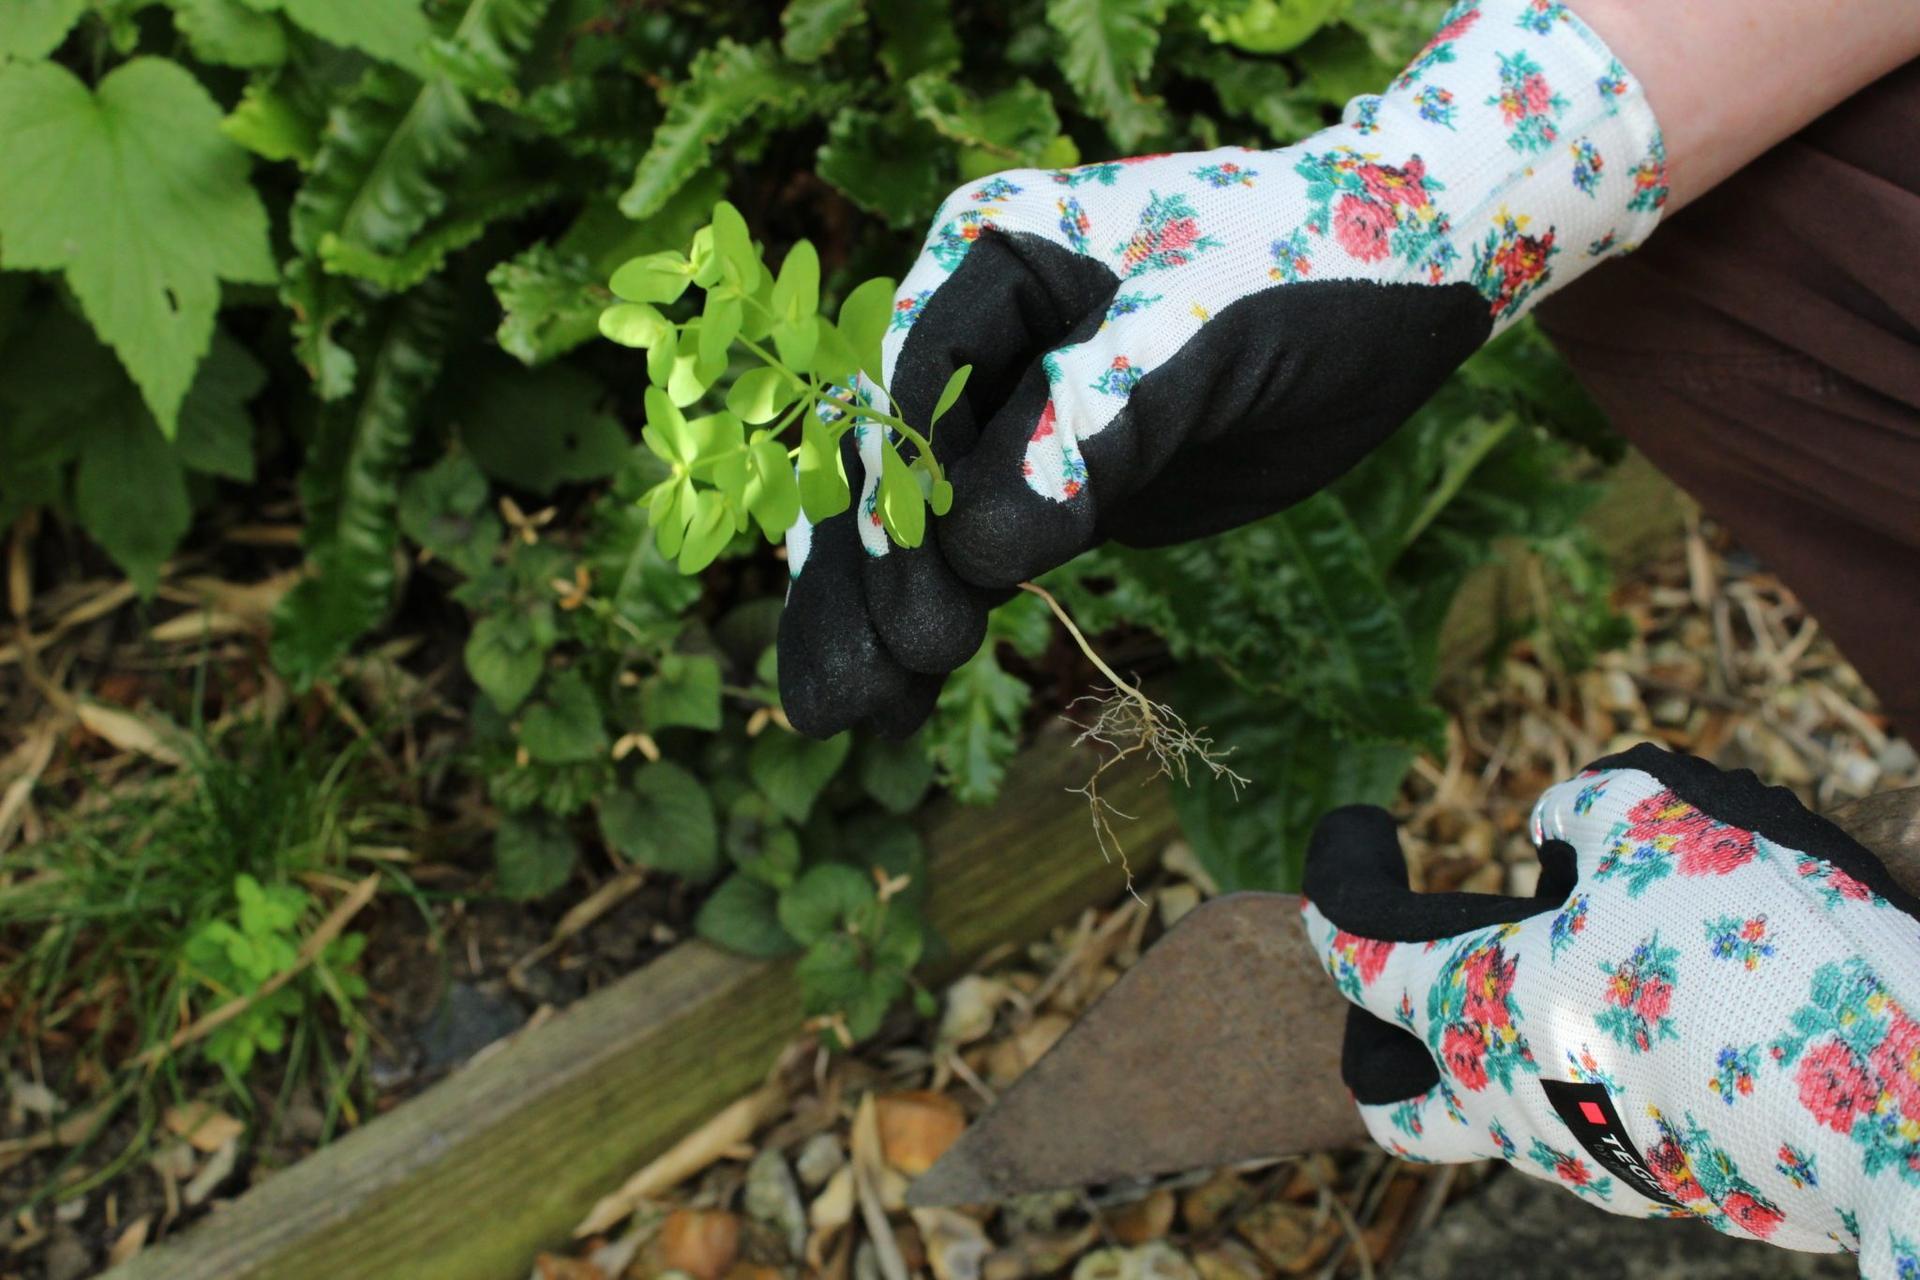 Jarné vzory na kolekcií TEGERA® Tällberg 🌹🌷  Pracovné rukavice s hravými kvetinovými vzormi pre všetky záhradníčky, pestovateľky a ďalšie ženy, ktoré sa neboja poriadnej práce. Aktuálnych 7 modelov nájdete na: www.tegera.sk/kategoria/kolekcia-tallberg - Obrázok č. 2